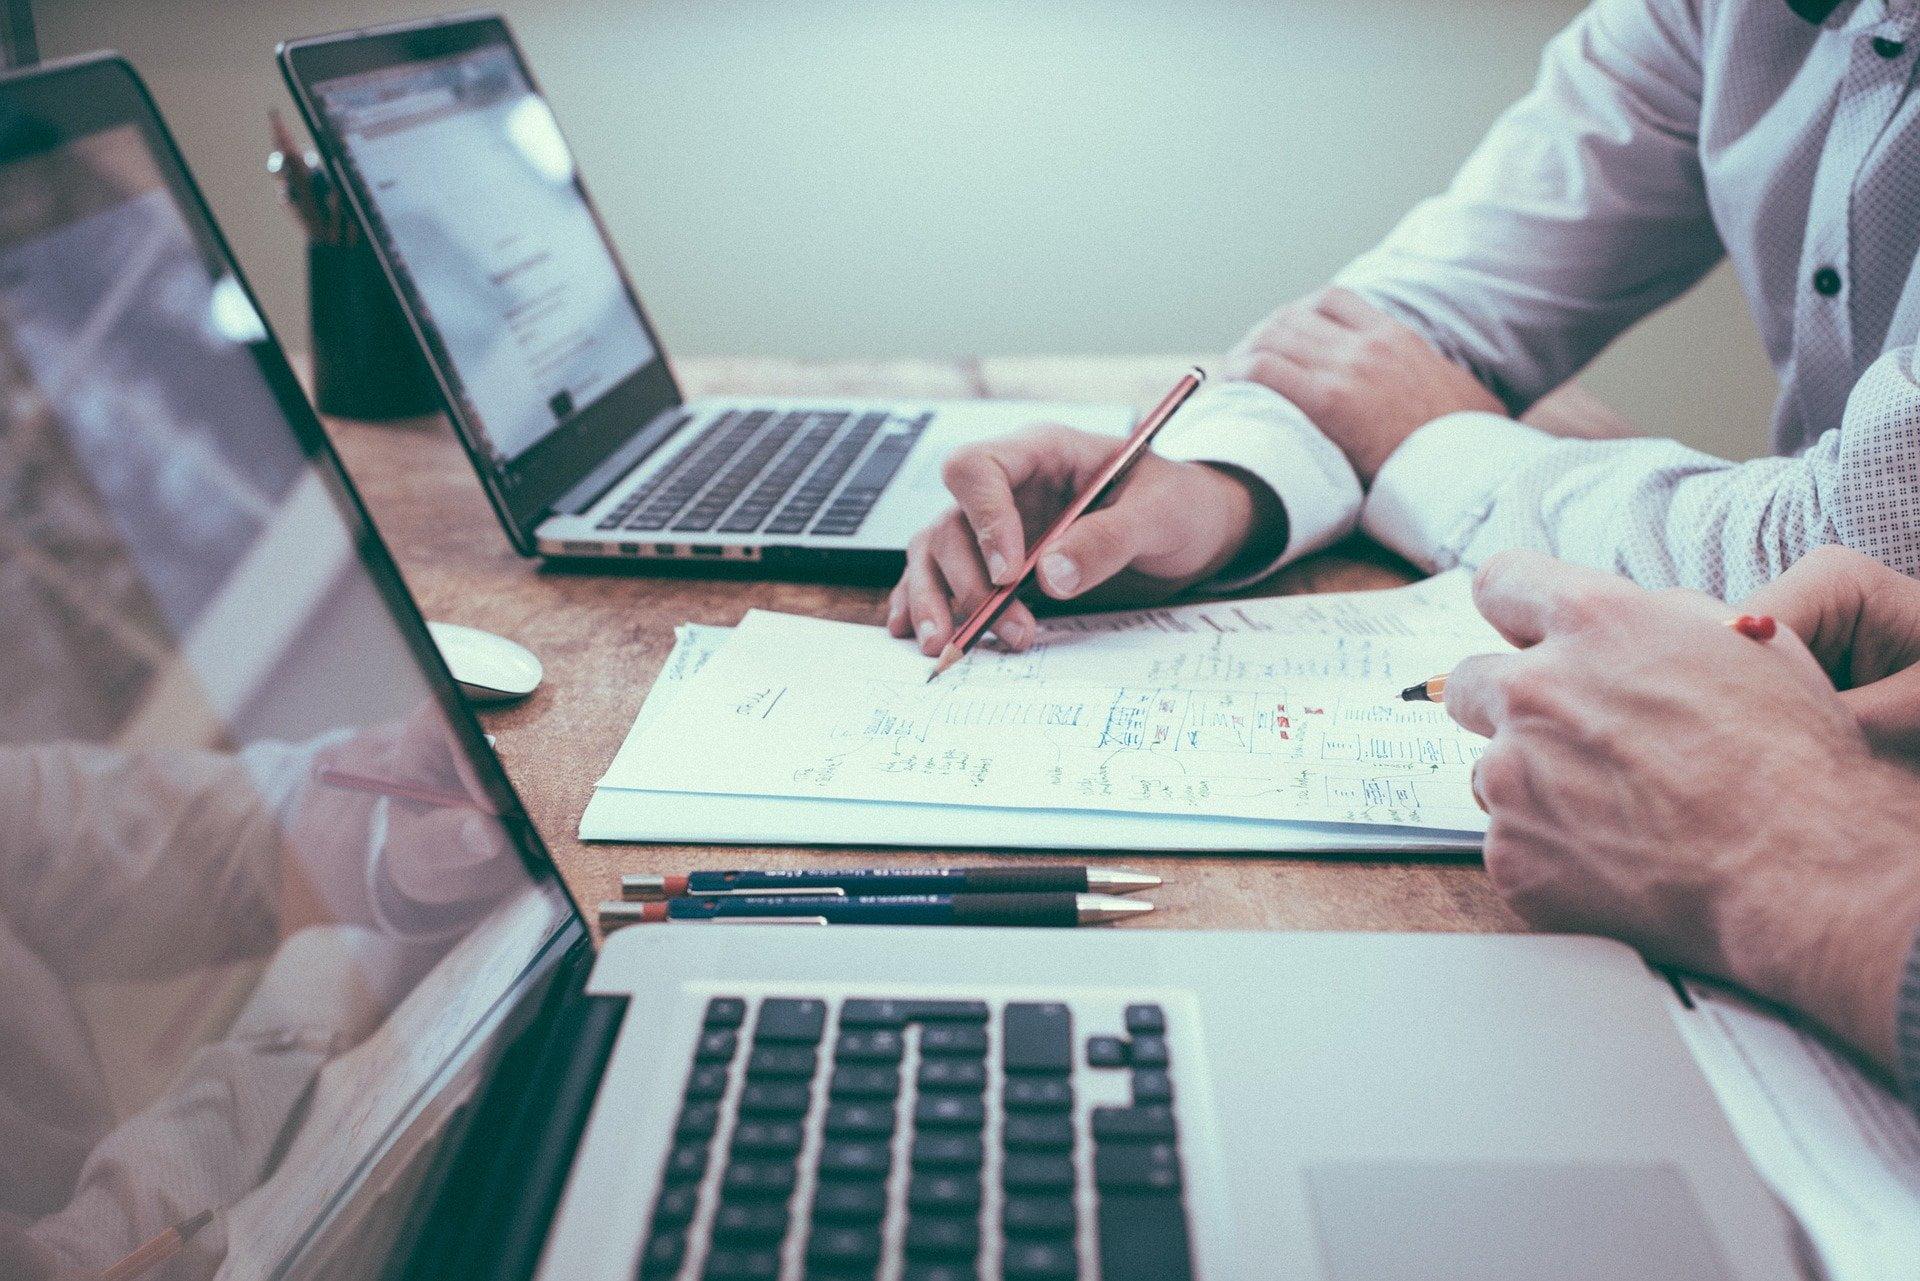 Jak założyć działalność gospodarczą? Formularz CEIDG krok po kroku